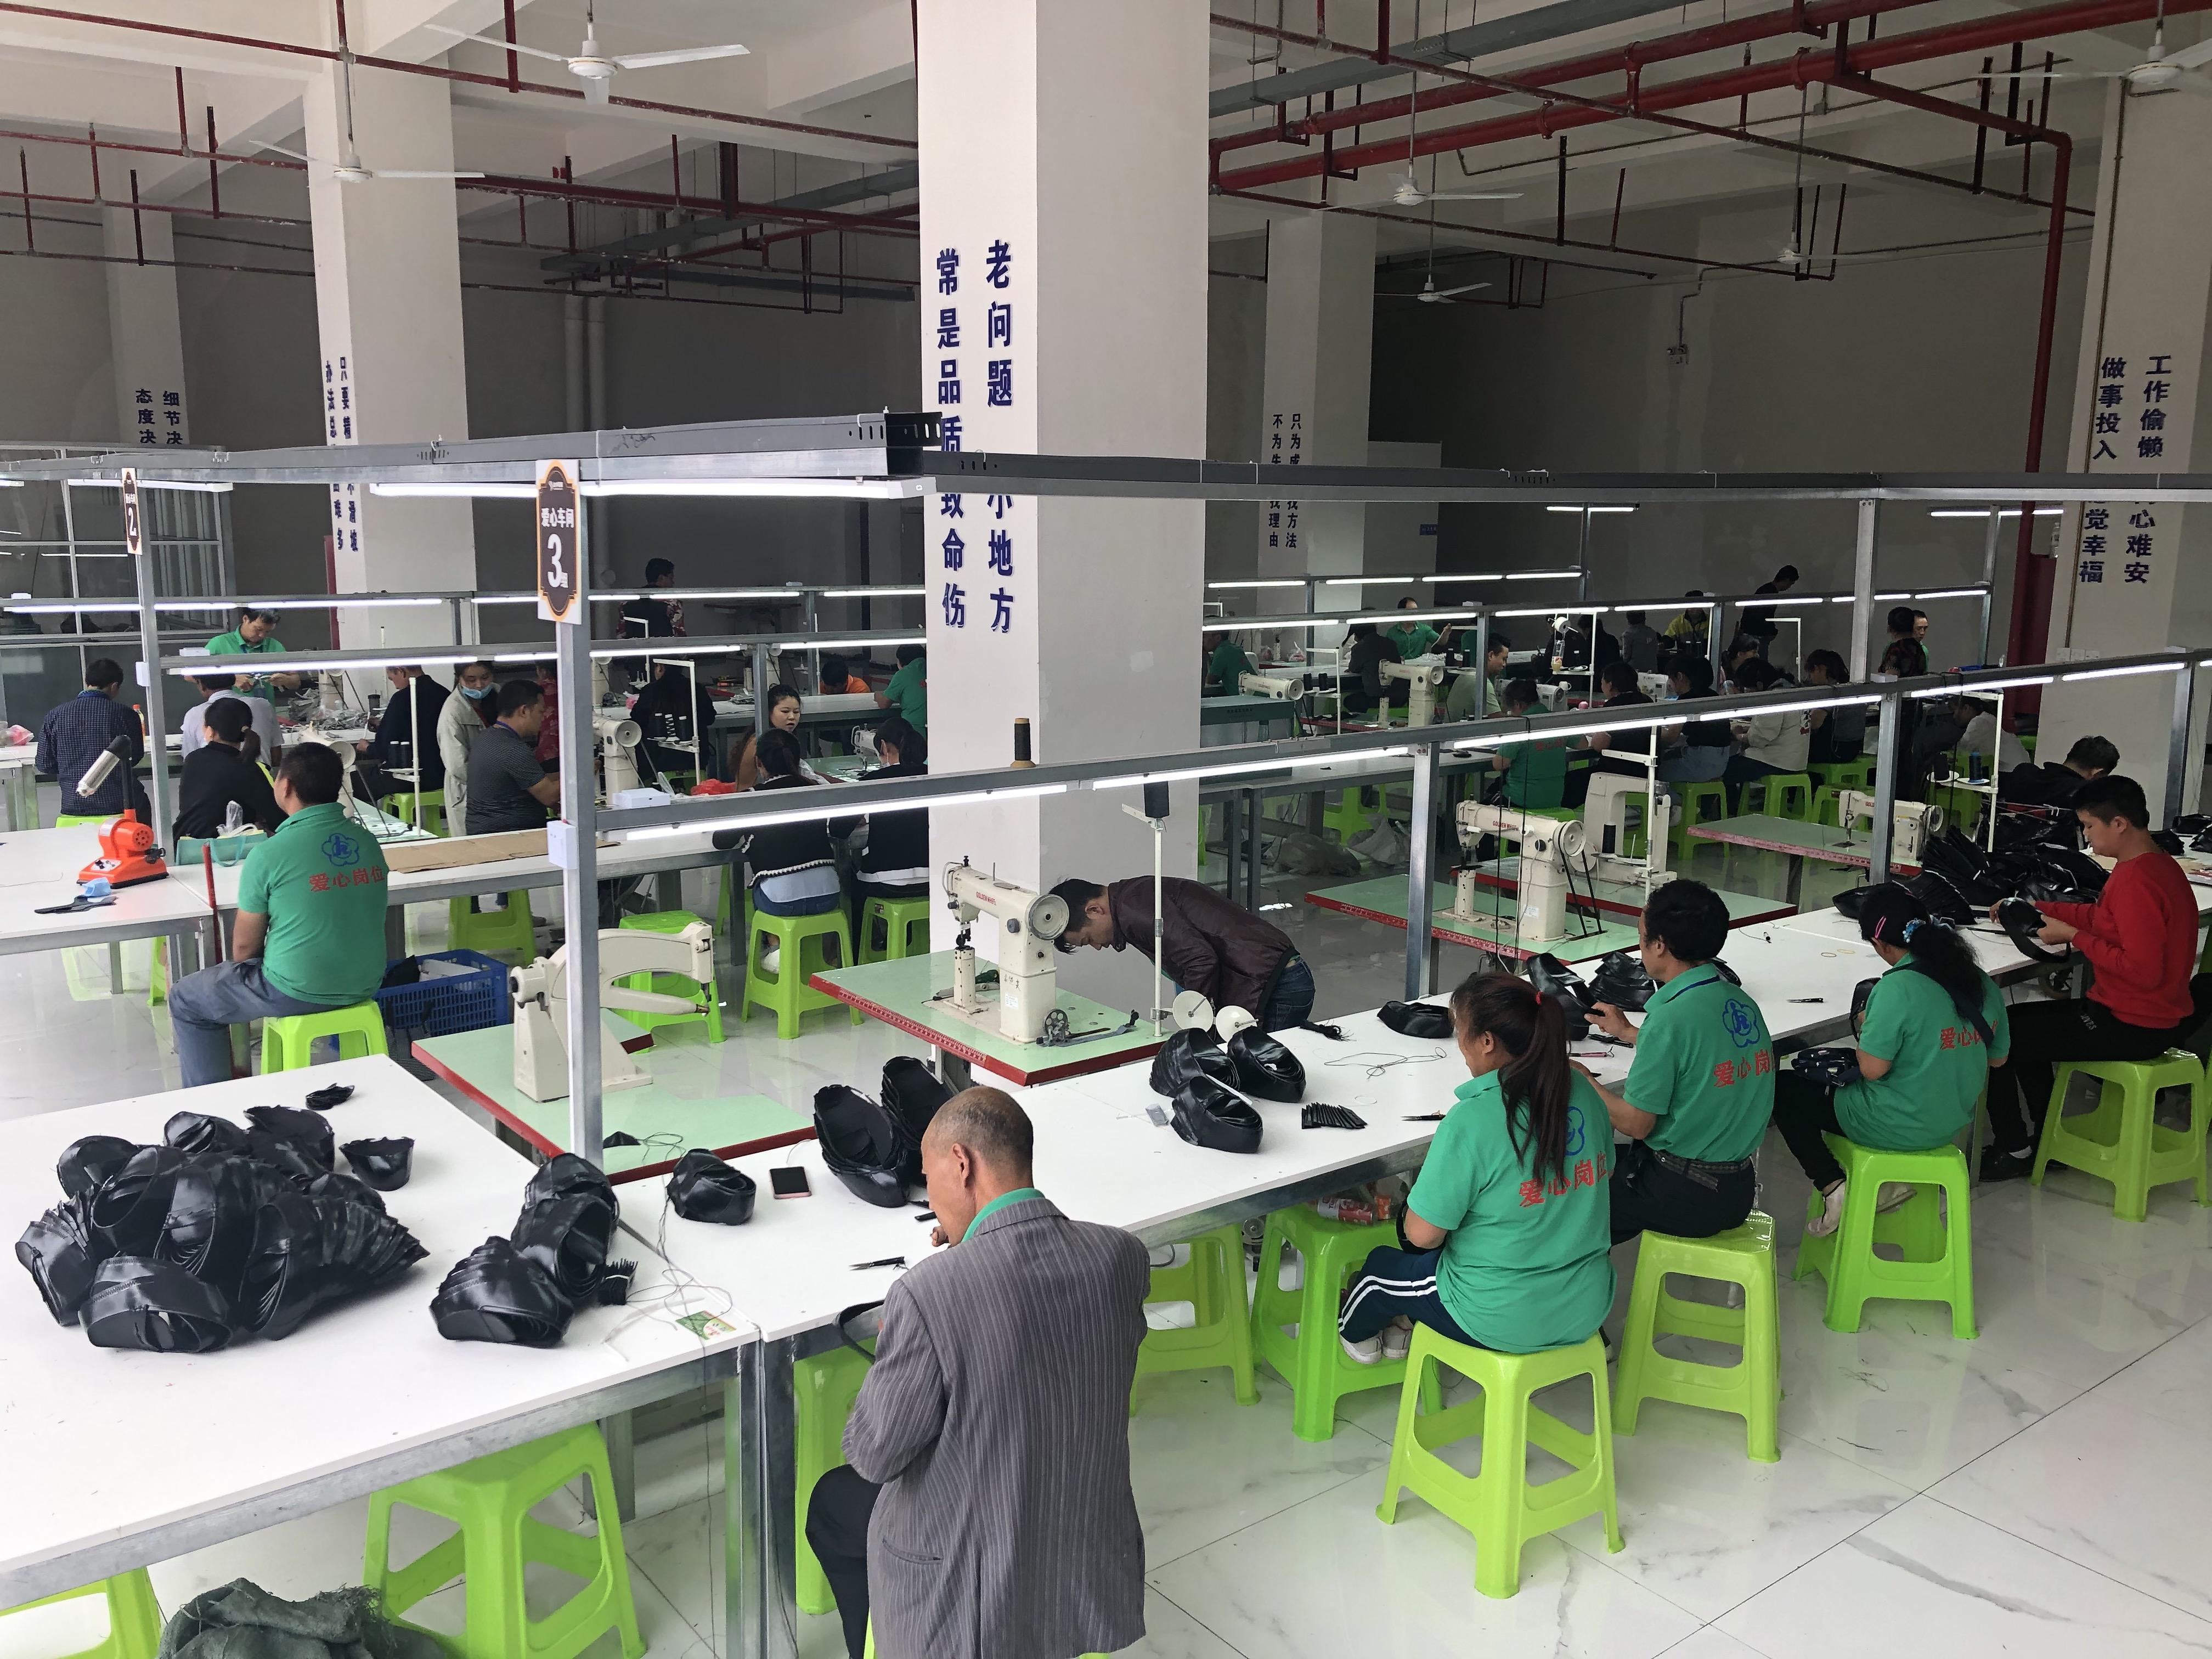 貧困者支援作業場が障害者の就業を支援 貴州省遵義市